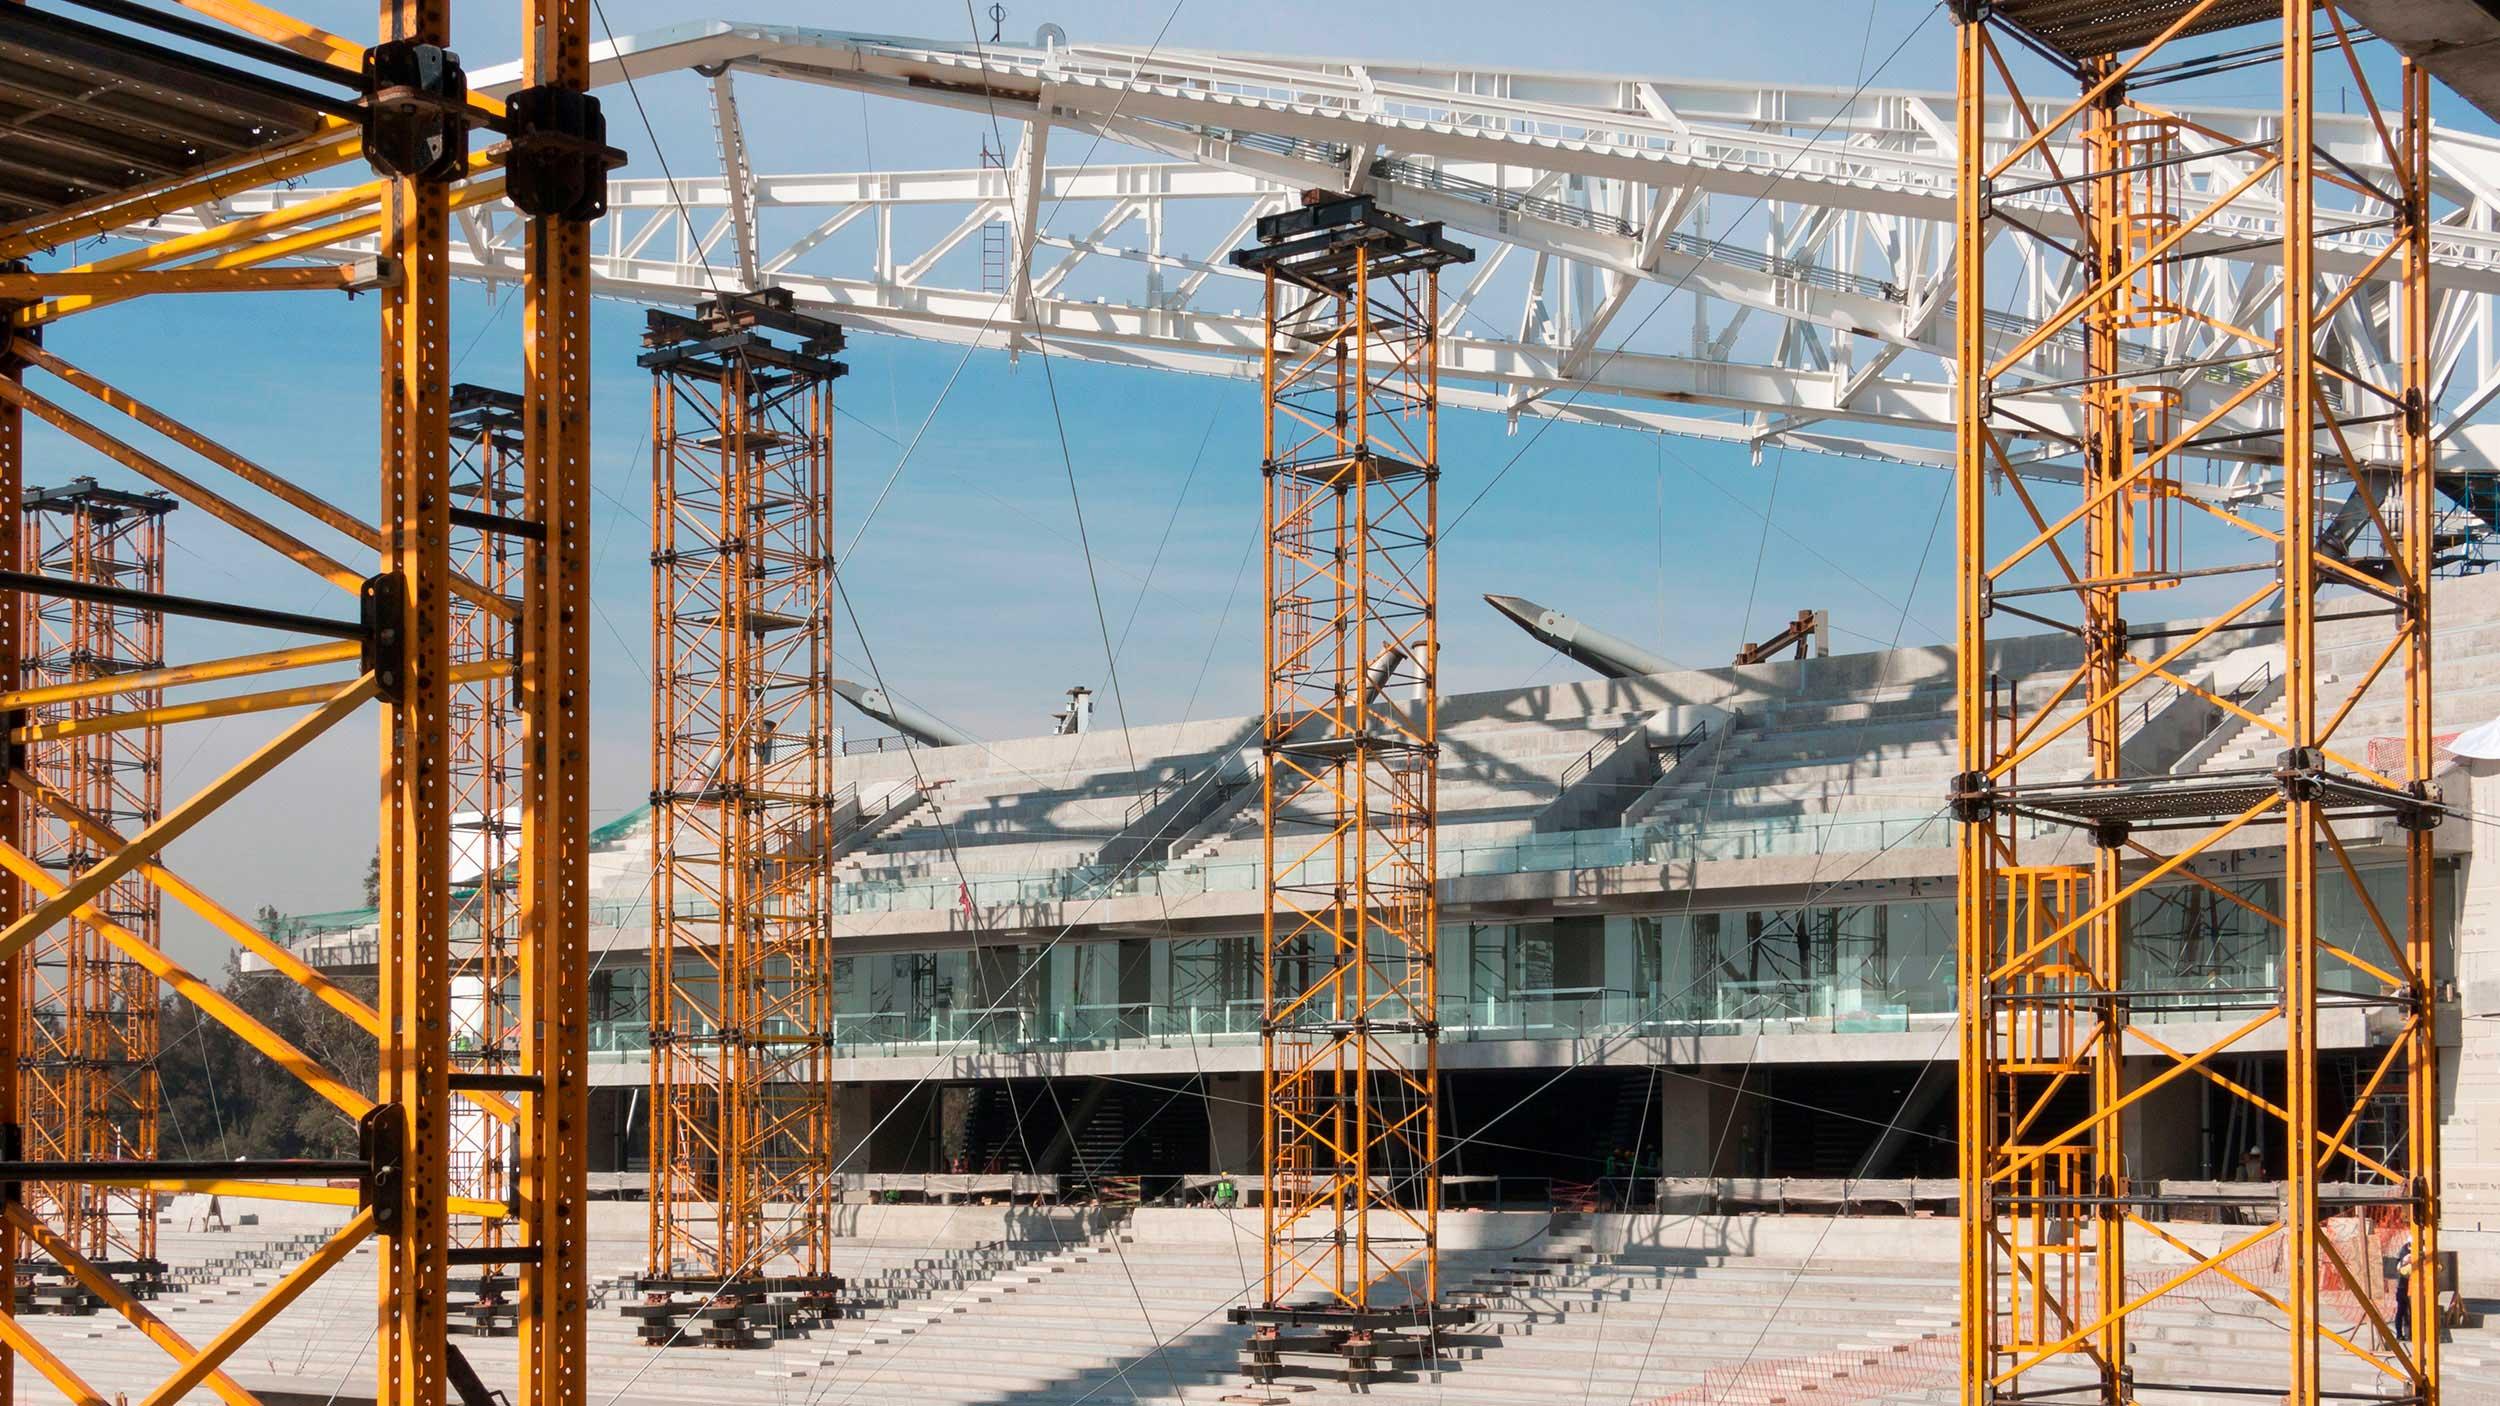 Systemy podporowe zaprojektowane do przenoszenia dużych obciążeń występujących na znacznych wysokościach. Rozwiązania znajdują zastosowanie podczas realizacji mostów, obiektów hydrotechnicznych, przemysłowych oraz energetycznych.